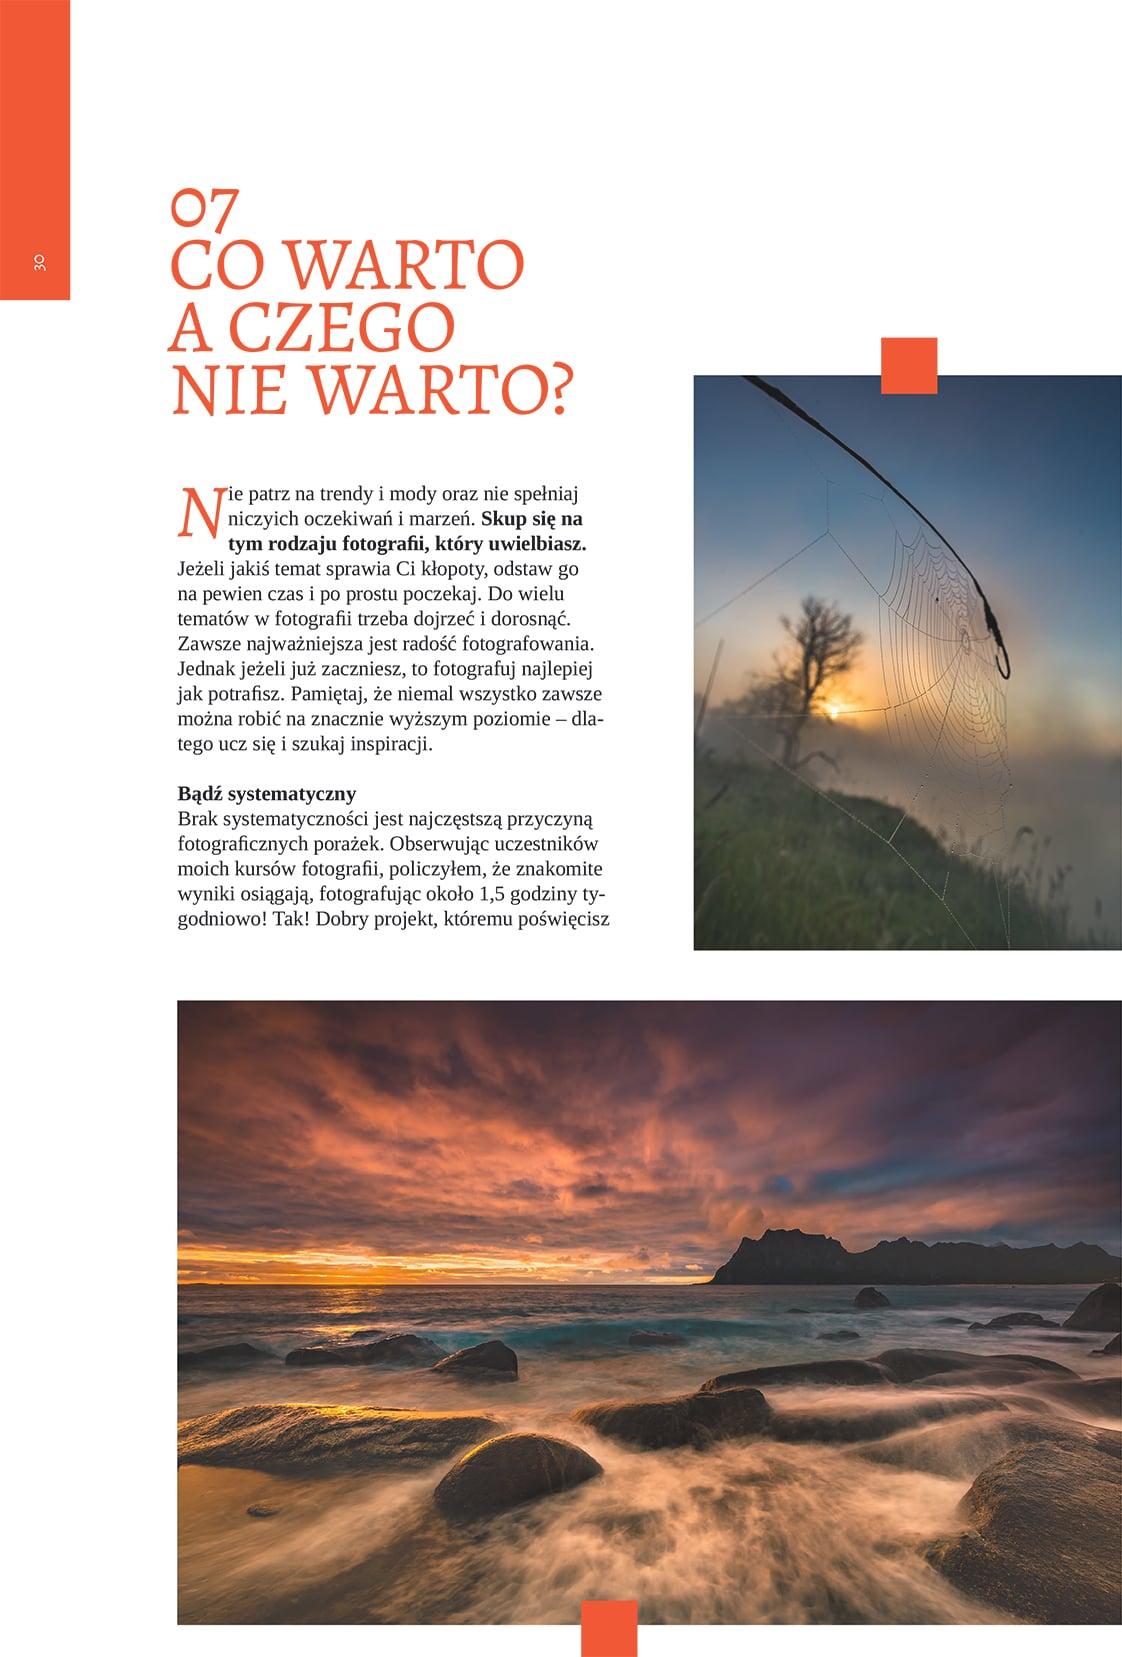 Obraz przedstawiający przykładowy rozdział z darmowego ebooka o fotografii.